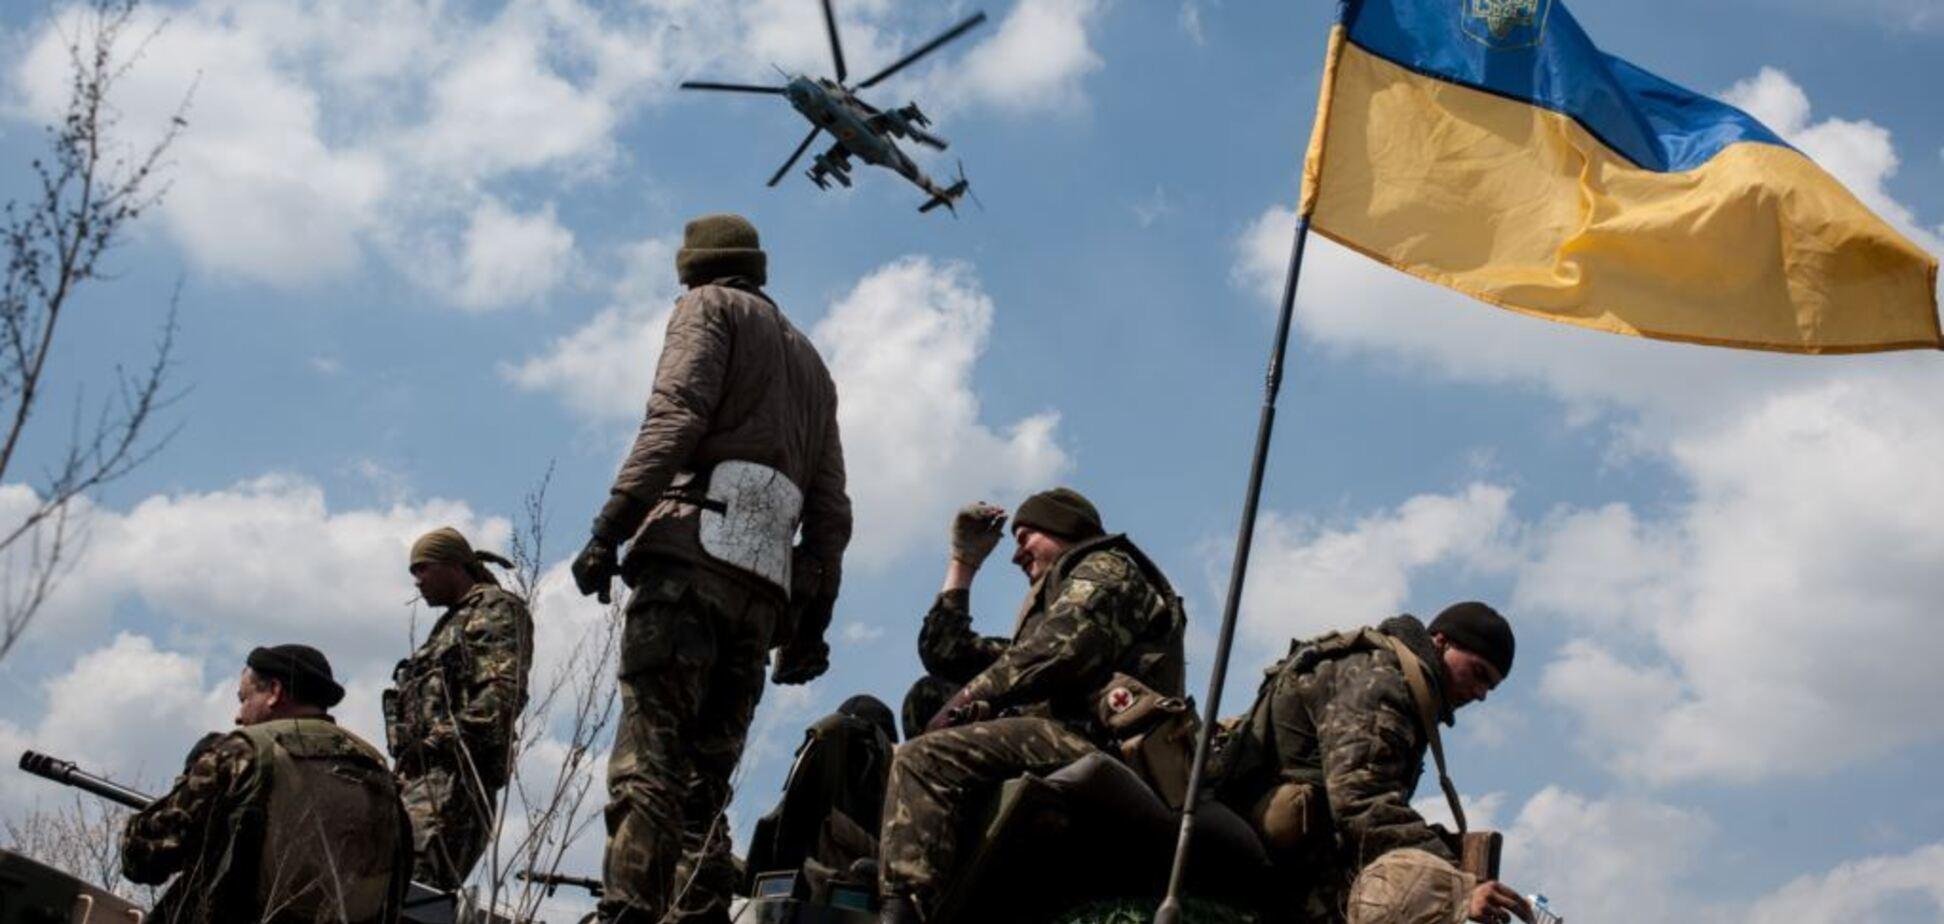 Друже, виконуй добре свій обов'язок! Захищай Україну!